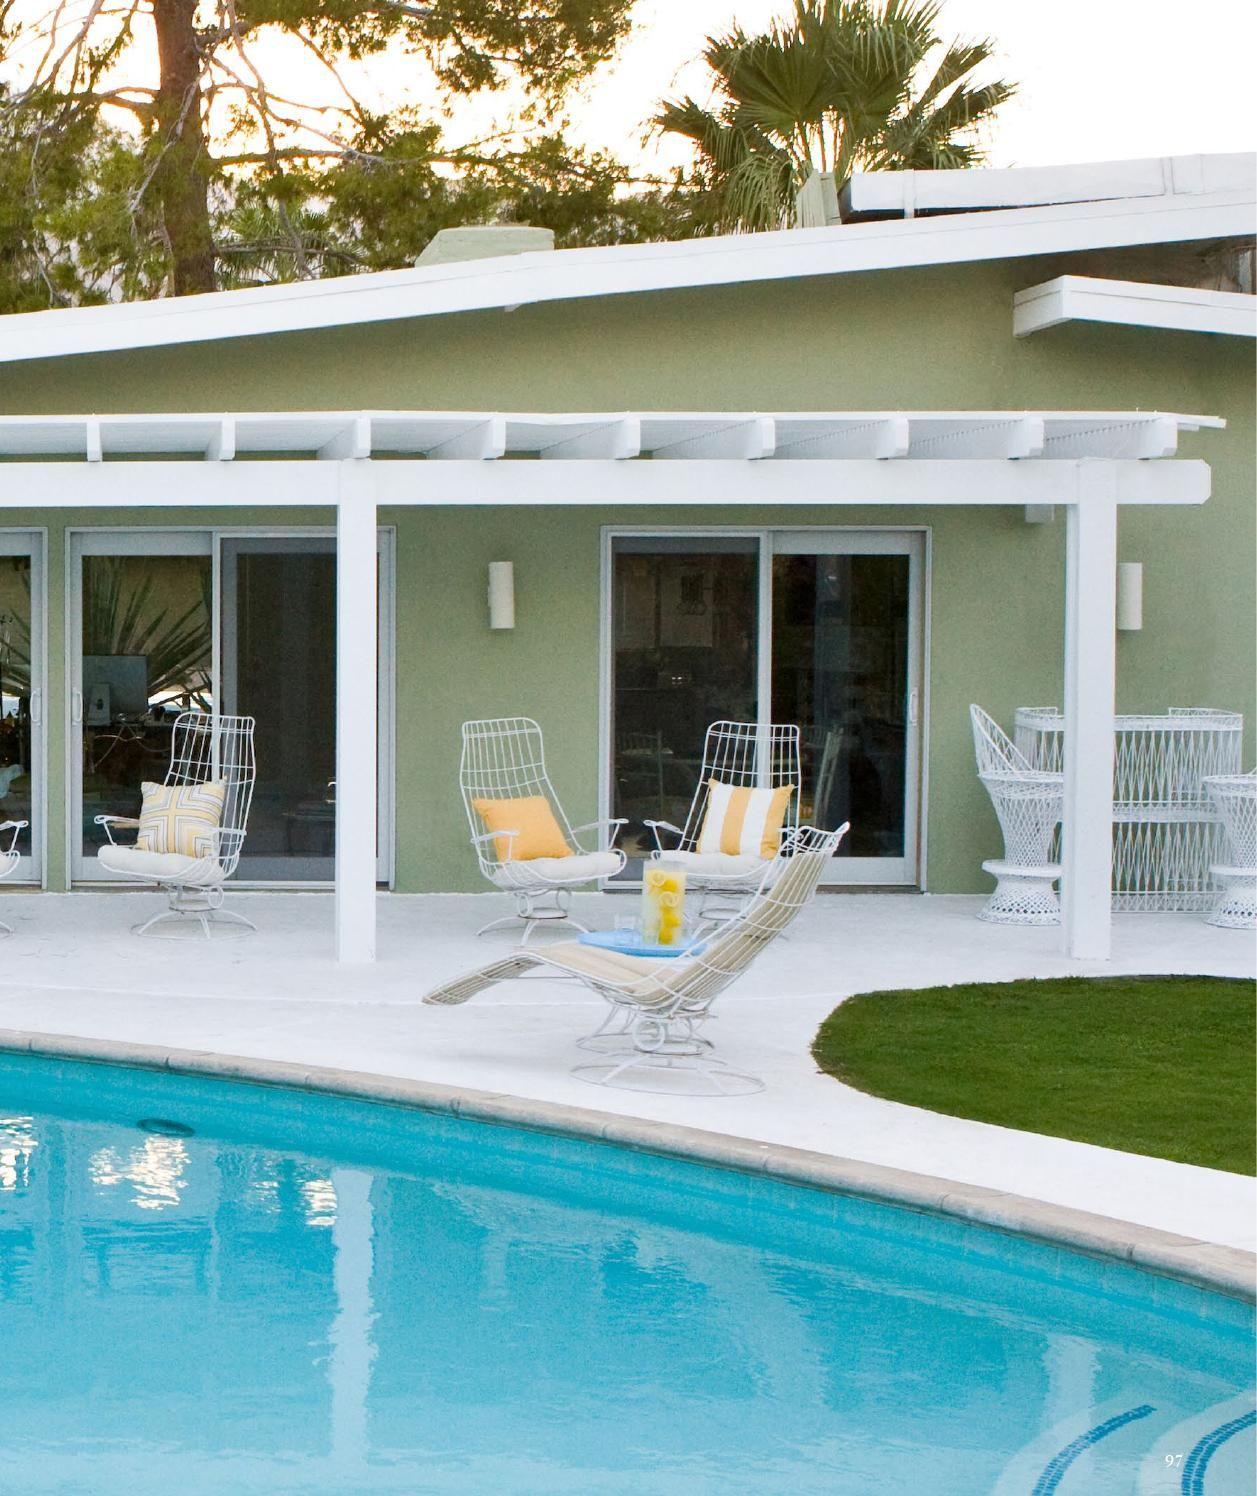 ISSUU - Adore Home Oct/Nov 2013 California Edition by Adore Home magazine